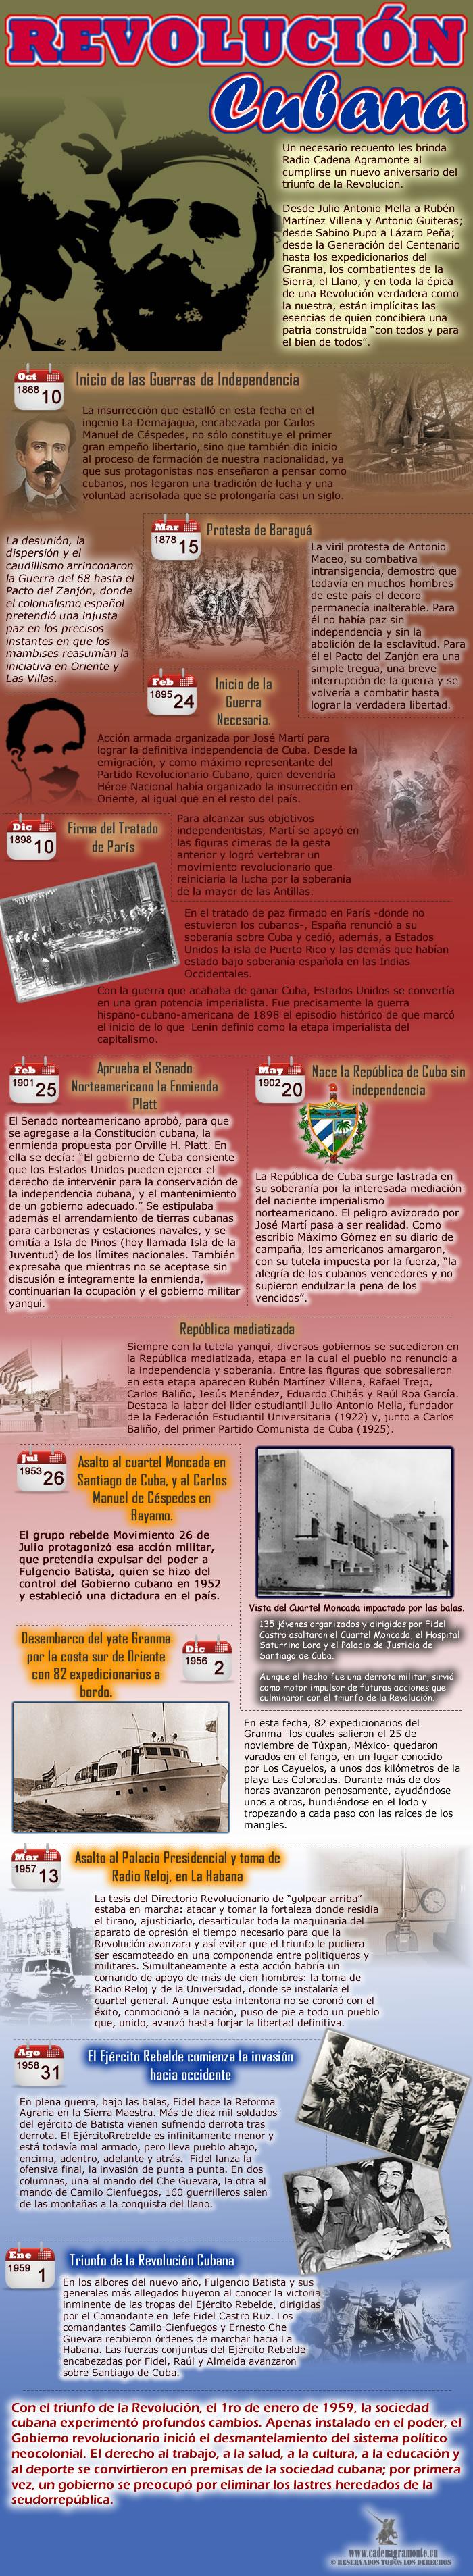 infografia-nuevo-aniversario-revolucion-cubana.jpg